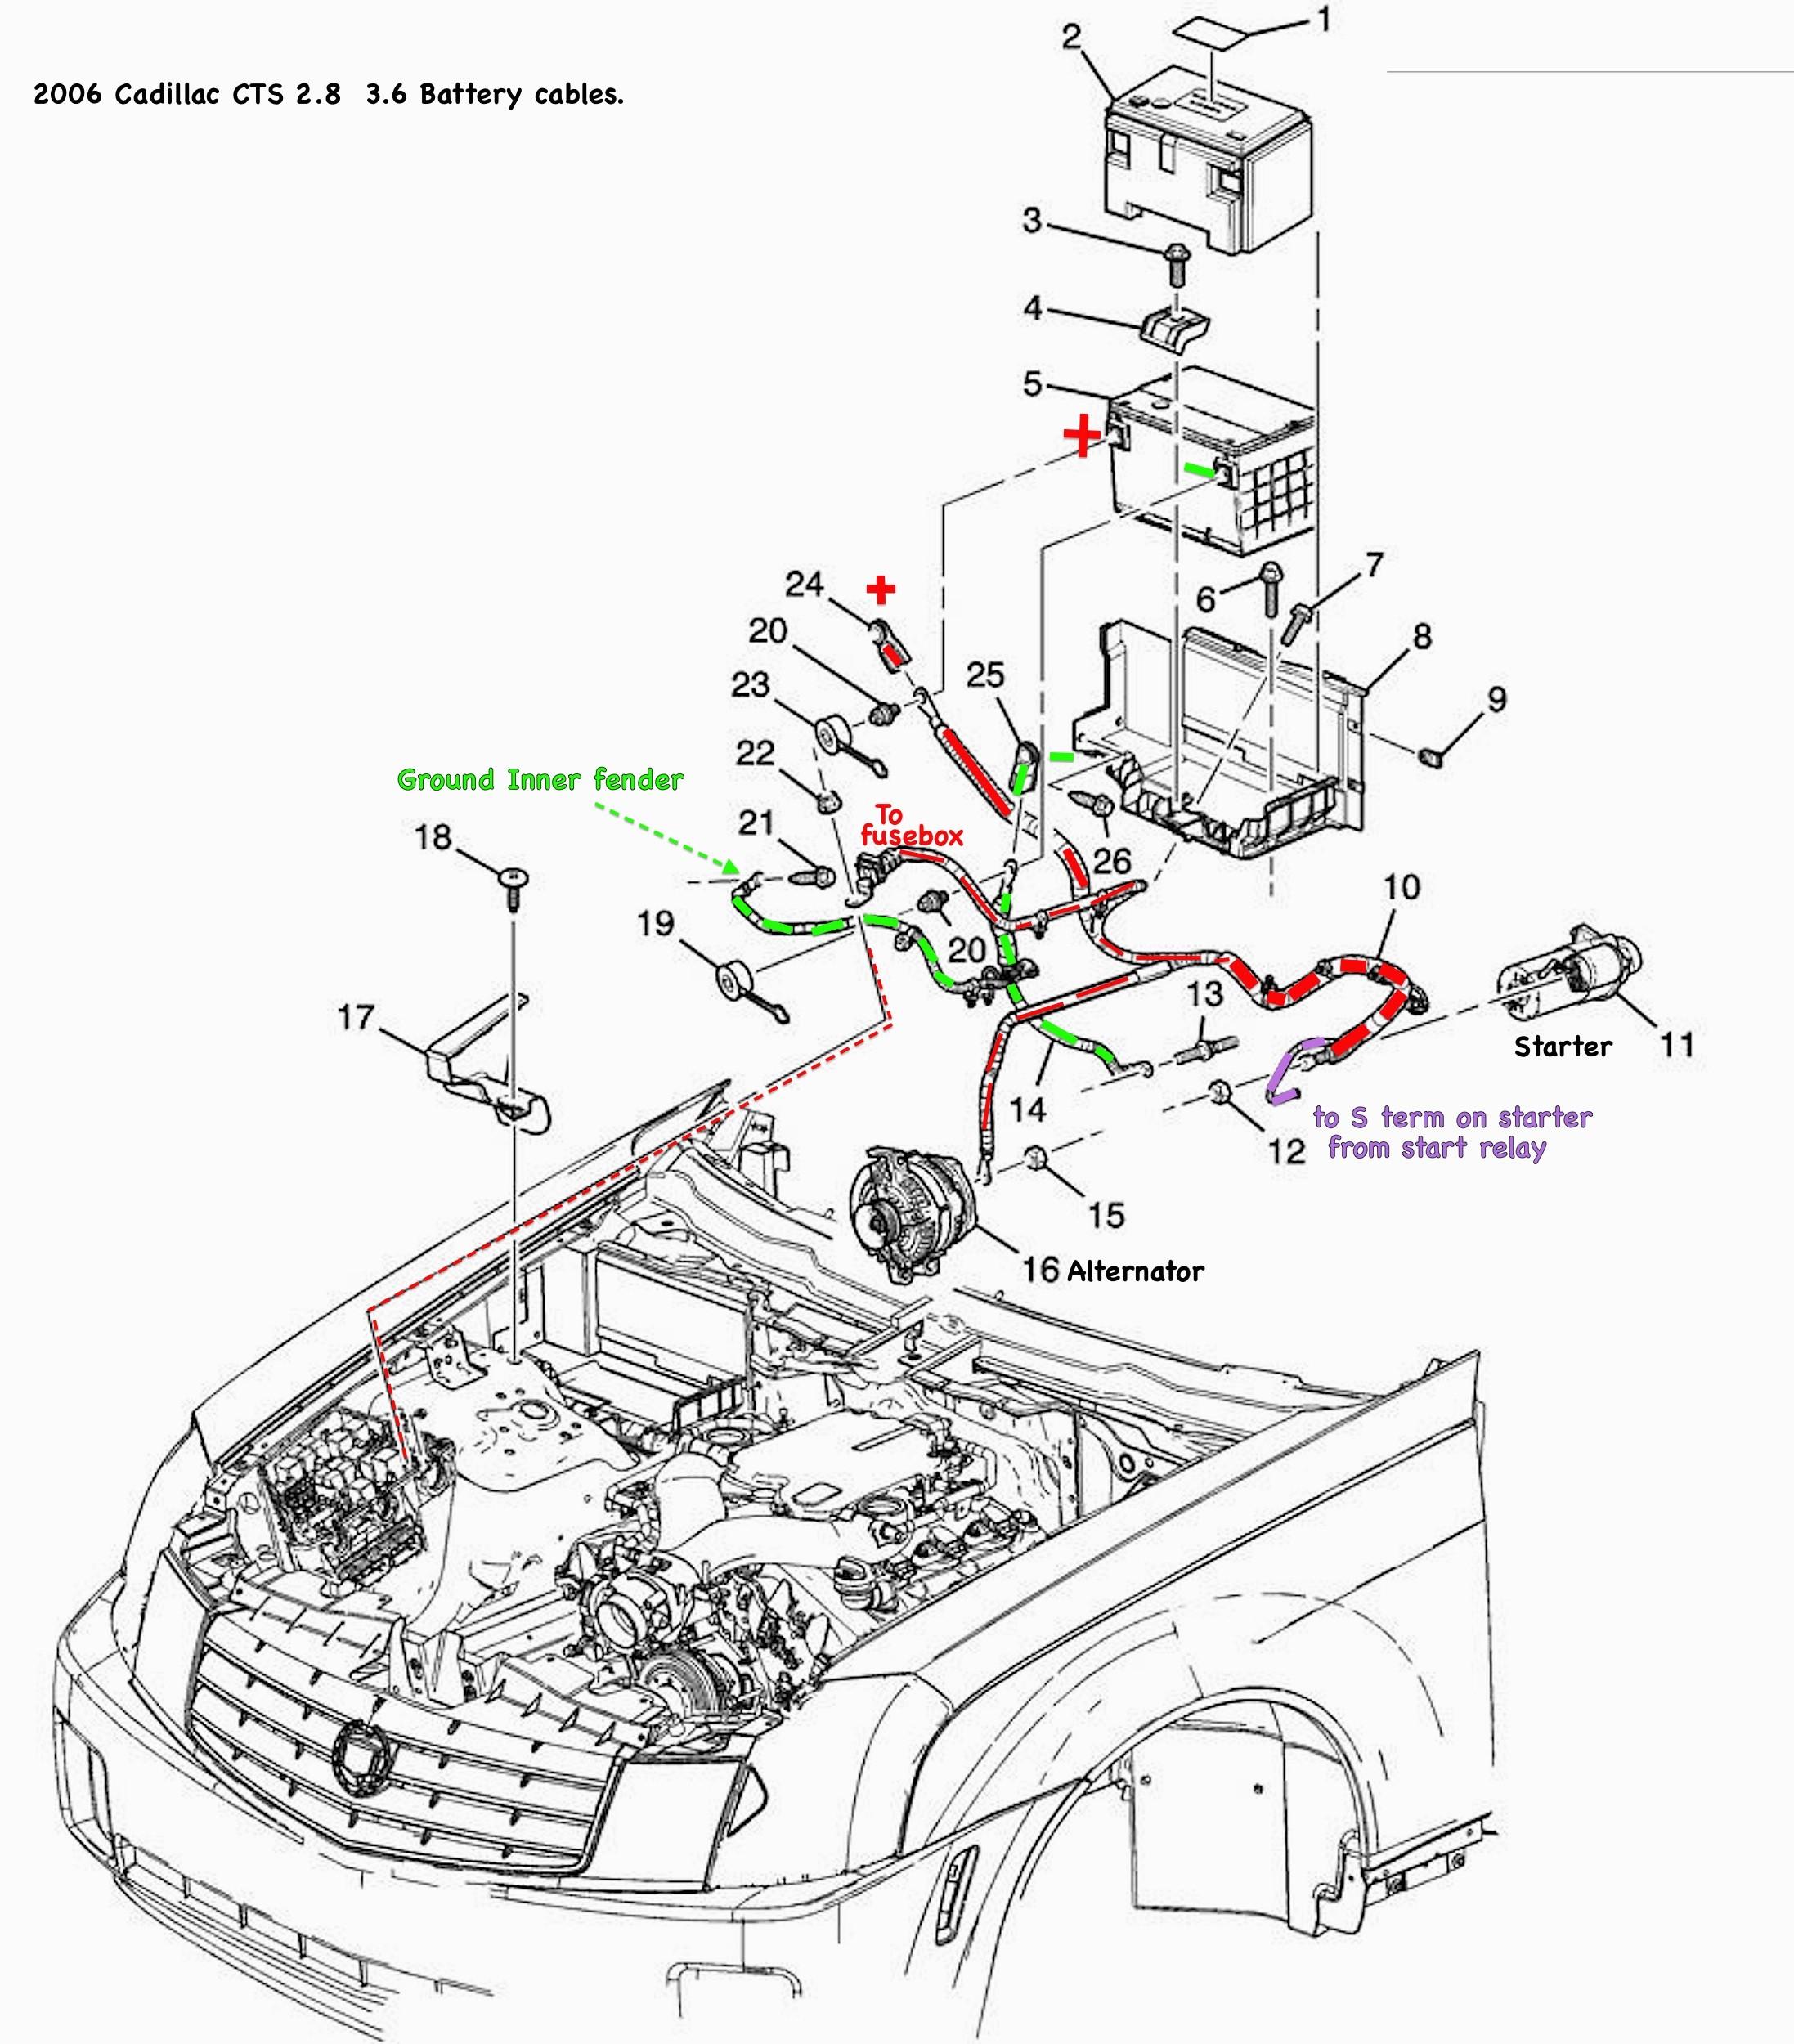 2005 Saturn Ion Engine Diagram 2006 Saturn Relay Engine Diagram Wiring Diagram toolbox Of 2005 Saturn Ion Engine Diagram